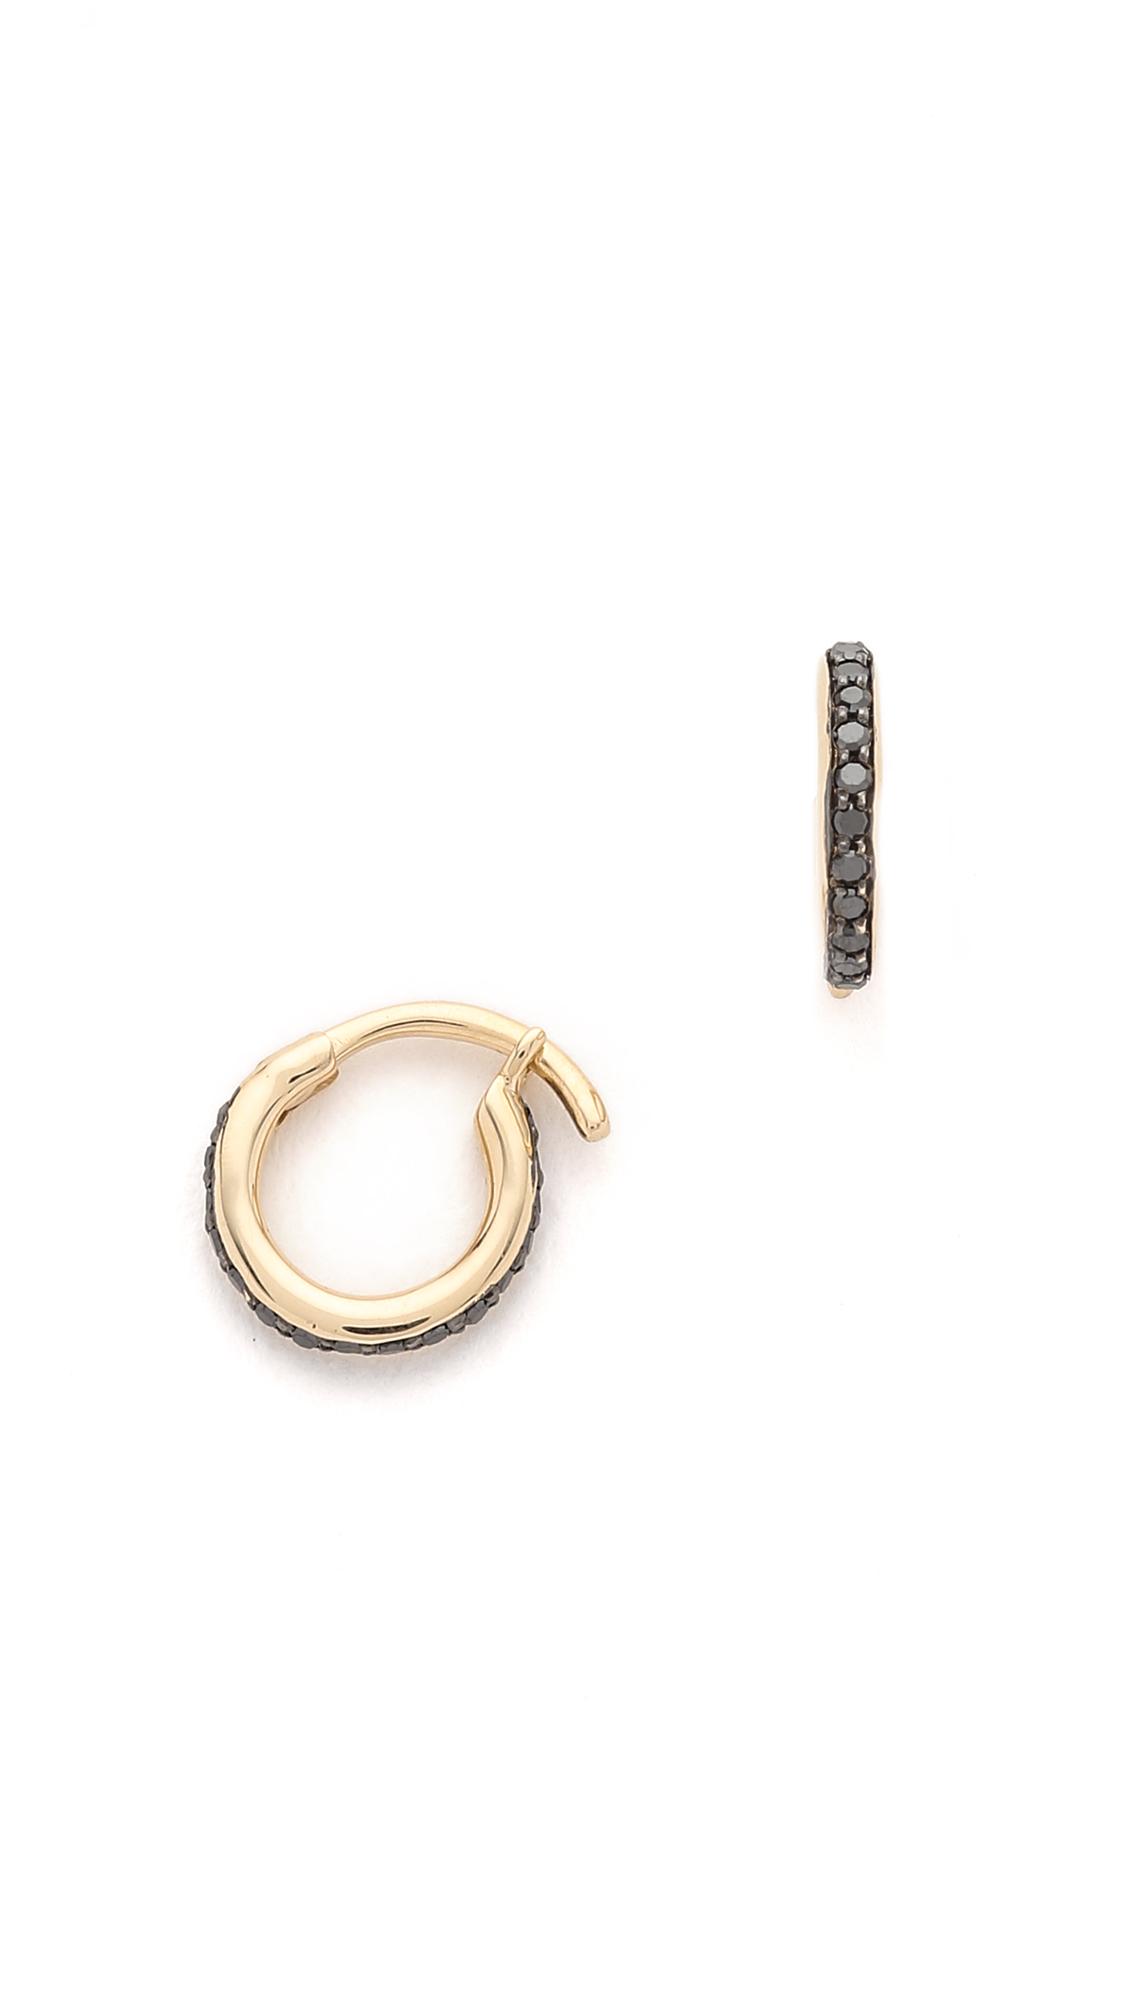 Adina reyter Black Diamond Pave Huggie Hoop Earrings in Metallic